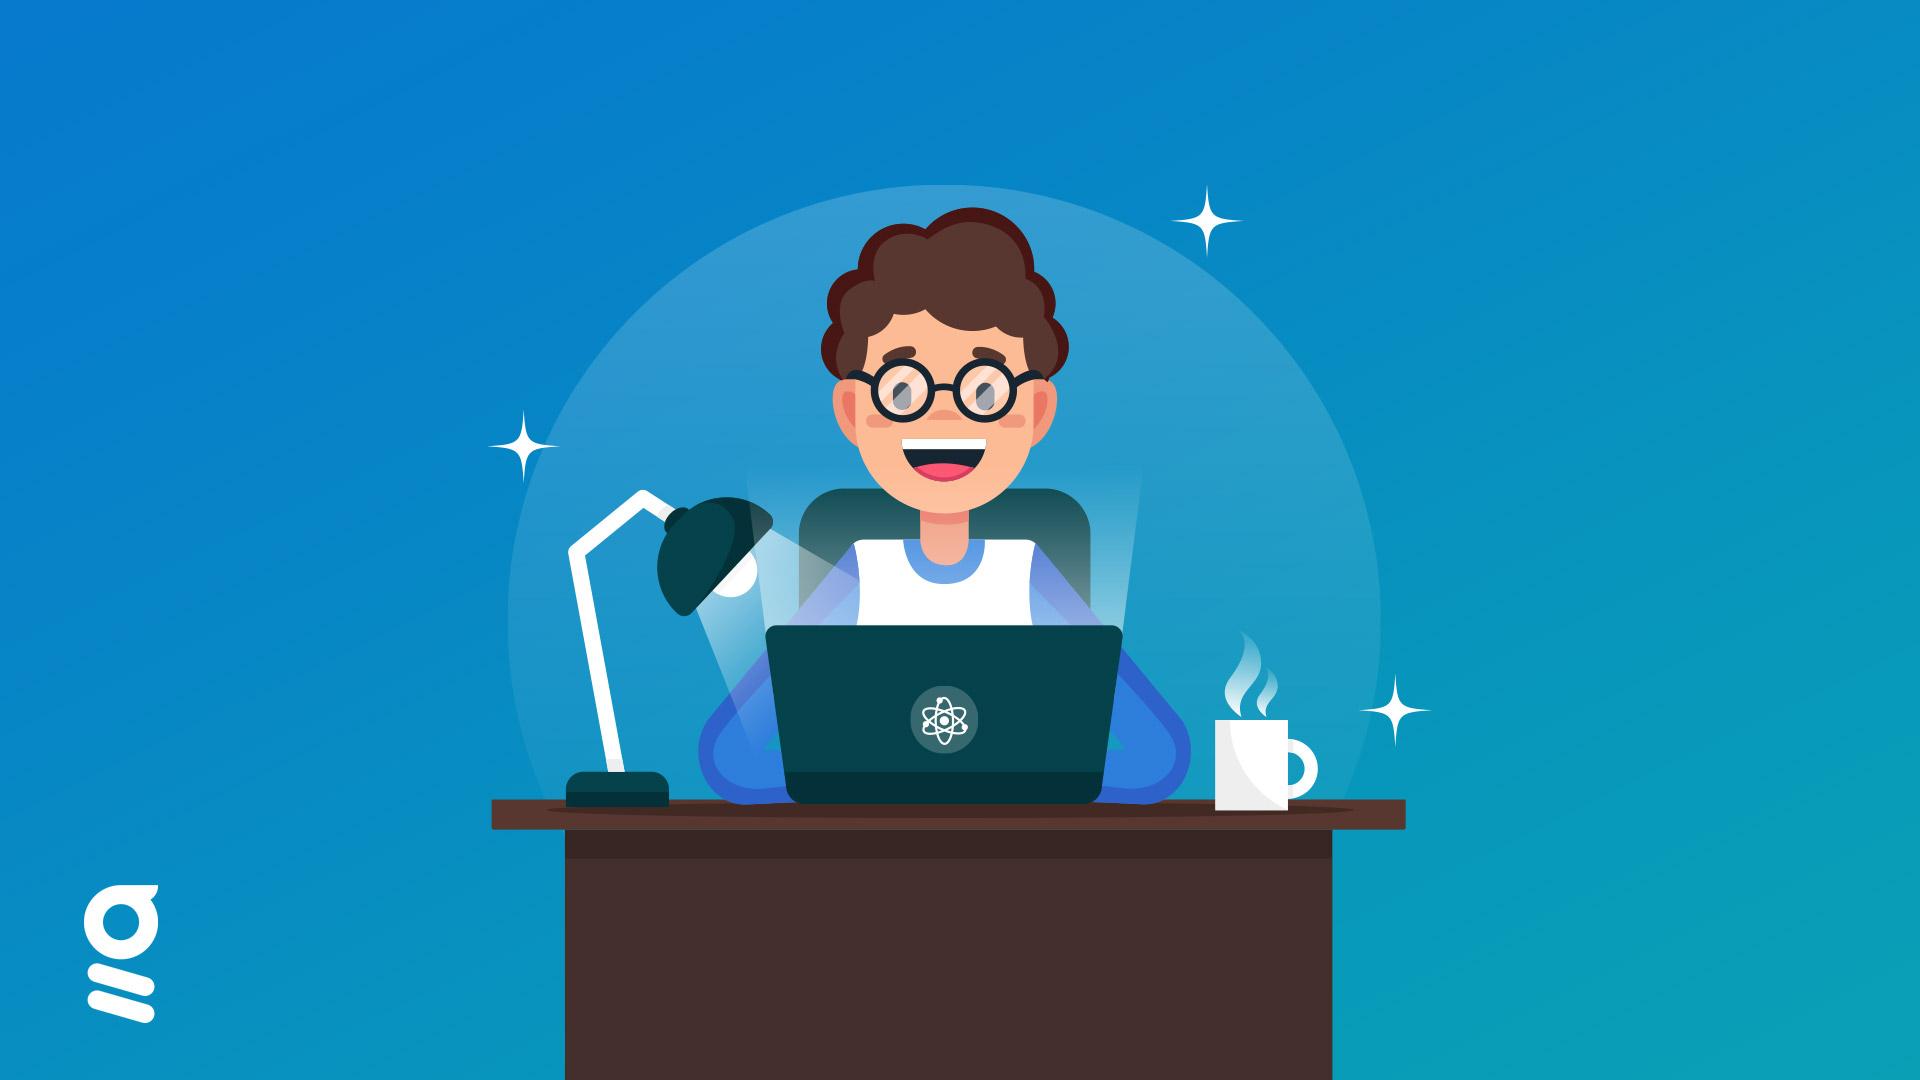 personne-heureuse-sur-son-ordinateur